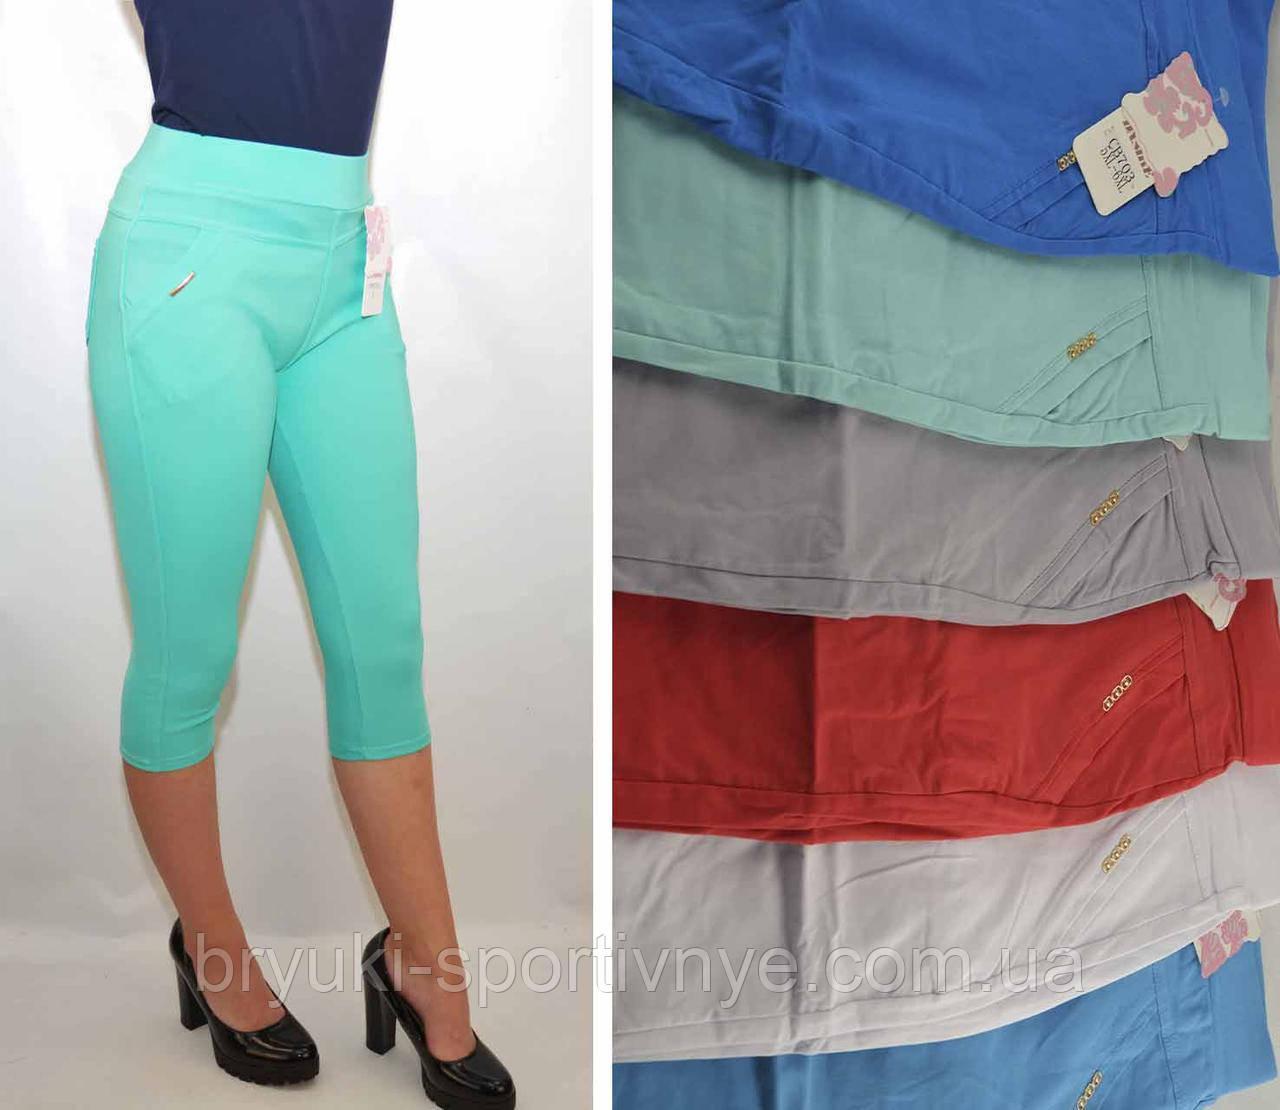 Бриджі жіночі стрейч у літніх кольорах від L до 6XL (Польща) - бавовна